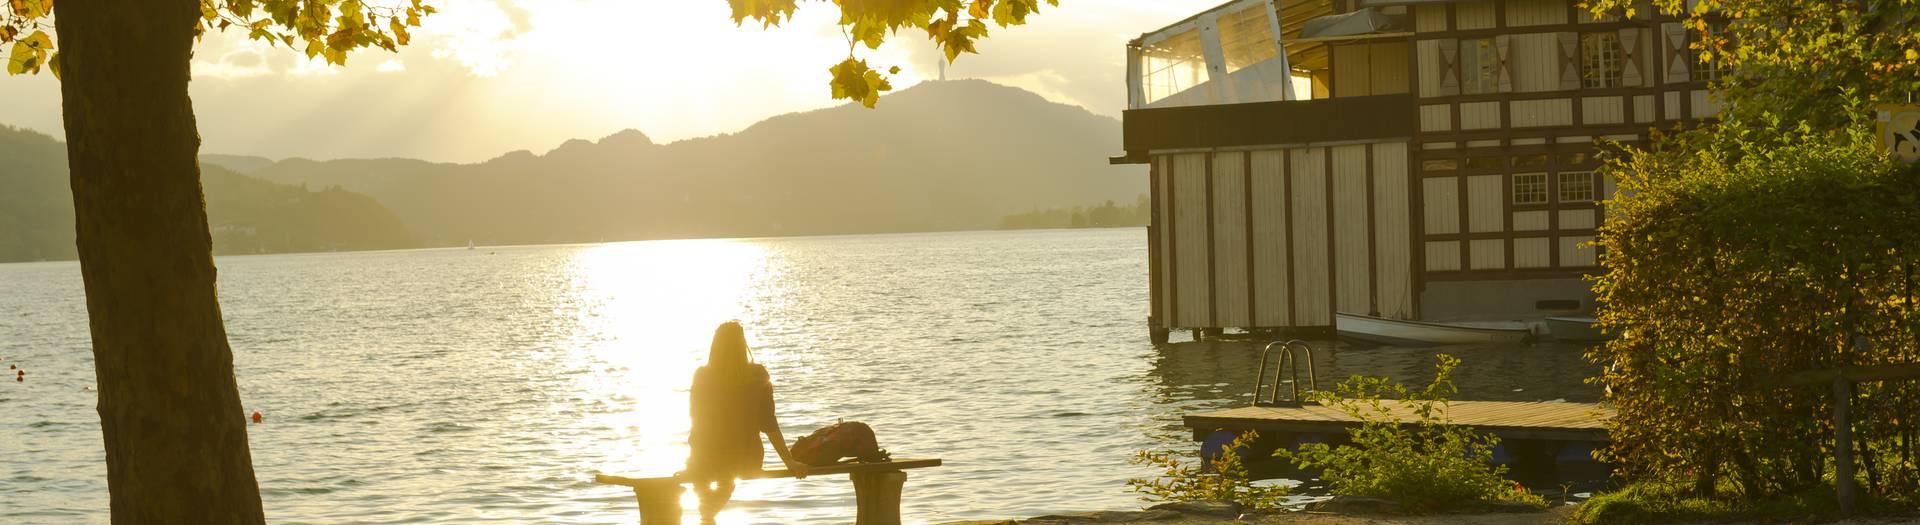 Herbst in Klagenfurt am See